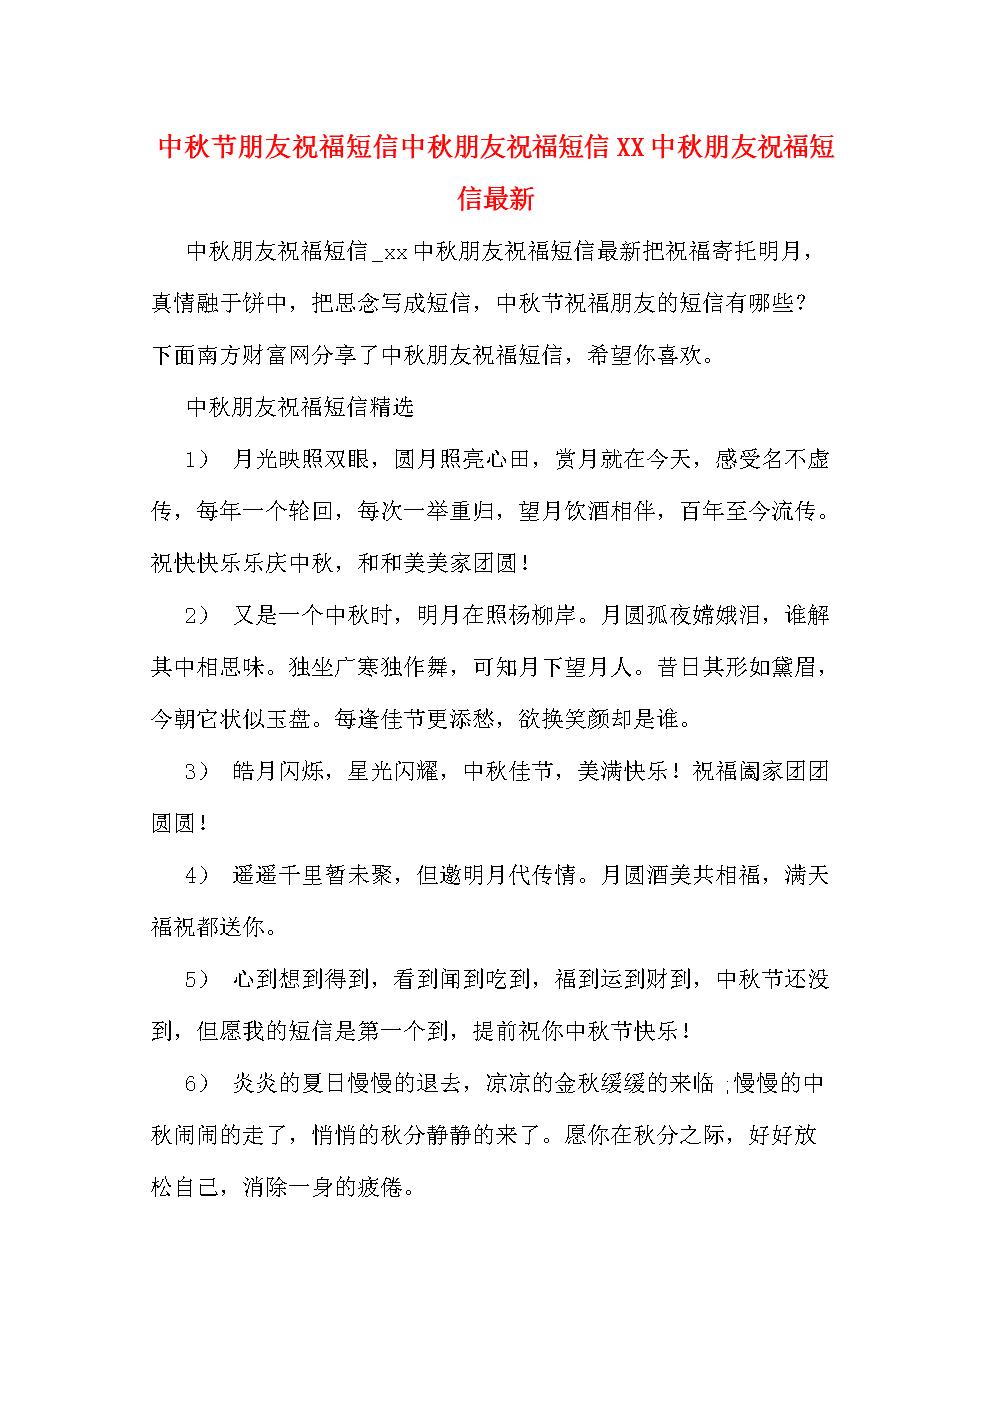 中秋短信:中秋节祝福短信大全